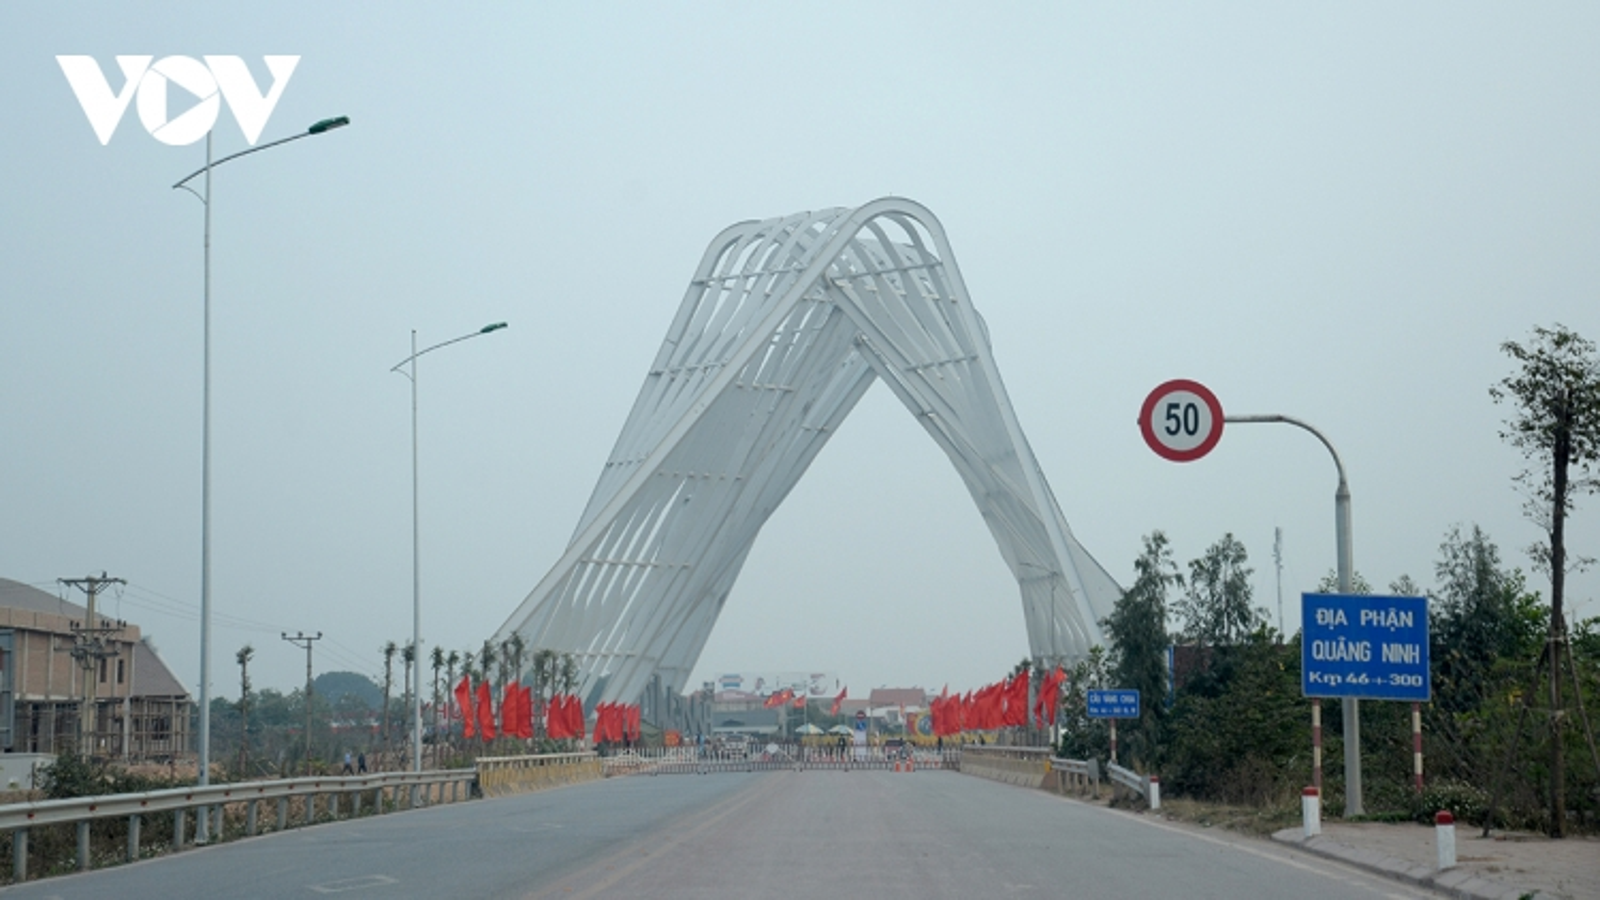 Tạm dừng hoạt động các chốt kiểm soát ra vào tỉnhQuảng Ninh